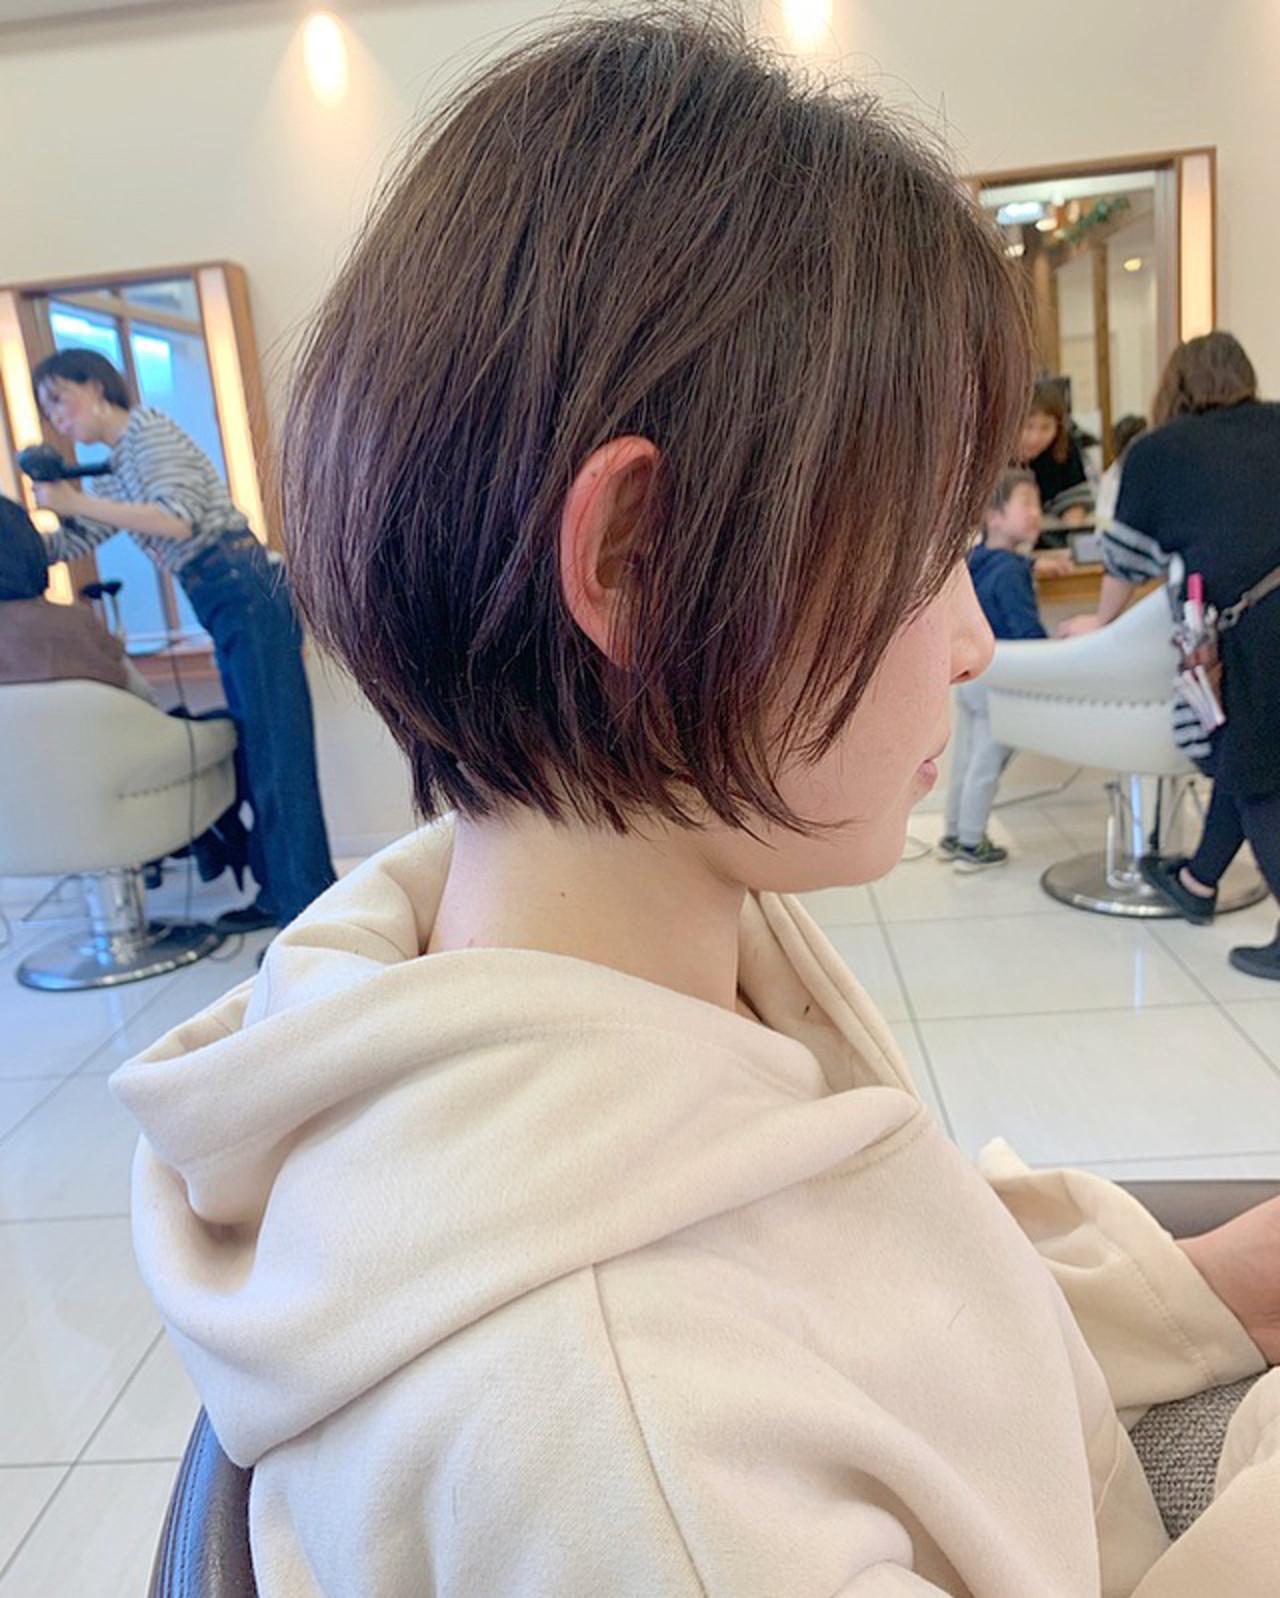 ふんわりショート 大人ショート ショートヘア  ヘアスタイルや髪型の写真・画像 | 【つくば美容師】ショートヘア愛好家/矢崎 翔太 / ジールサロン